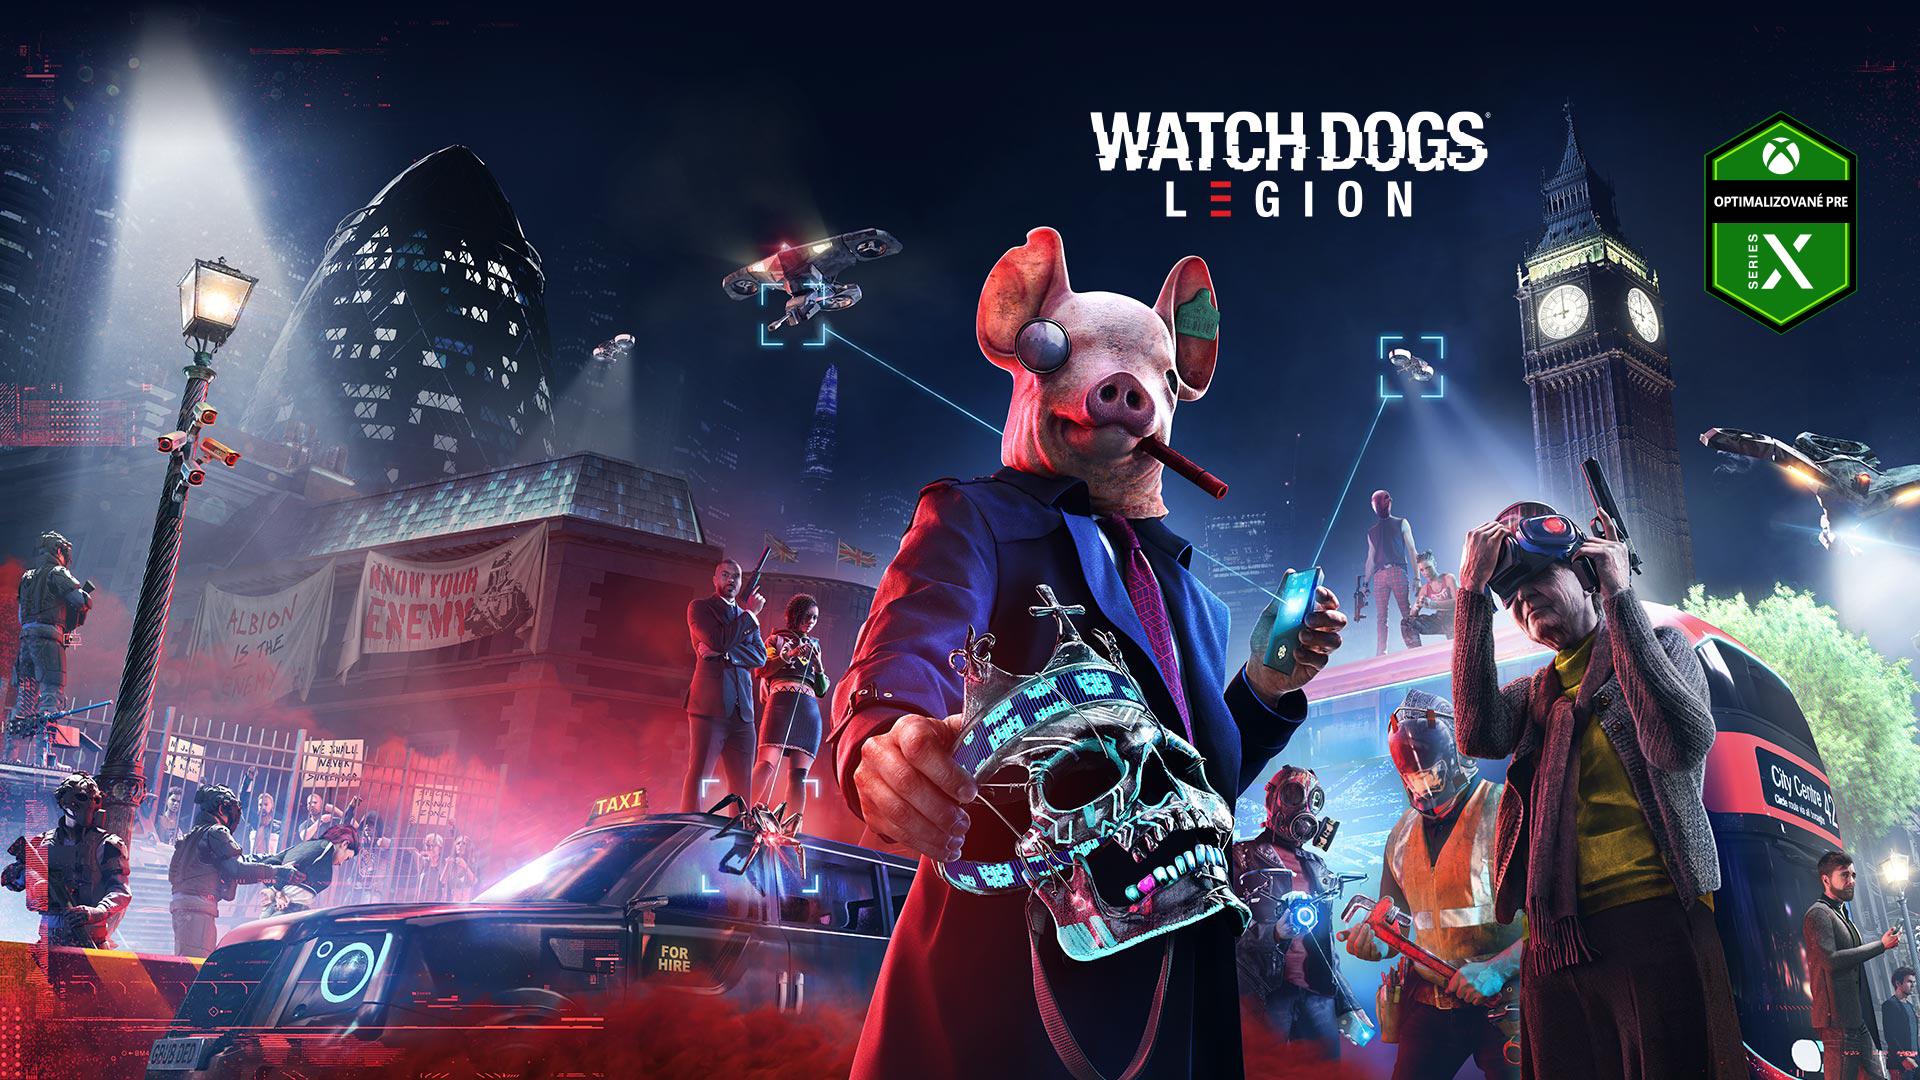 Symbol Optimalizované pre Series X, logo Watch Dogs Legion, osoba v maske prasaťa drží lebku, dva drony, Big Ben a niekoľko ďalších postáv so zbraňami